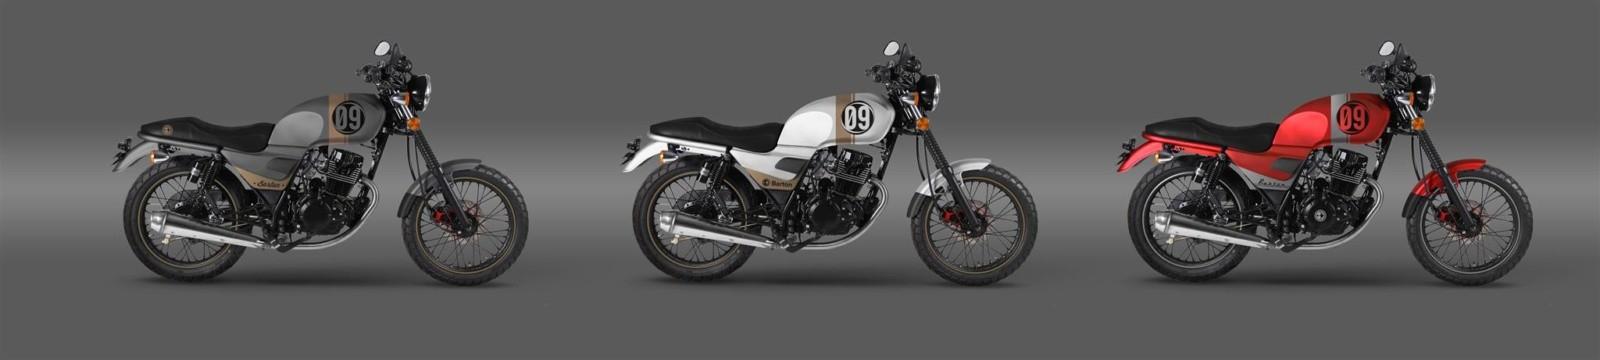 BARTON CAFE RACER 125 cc